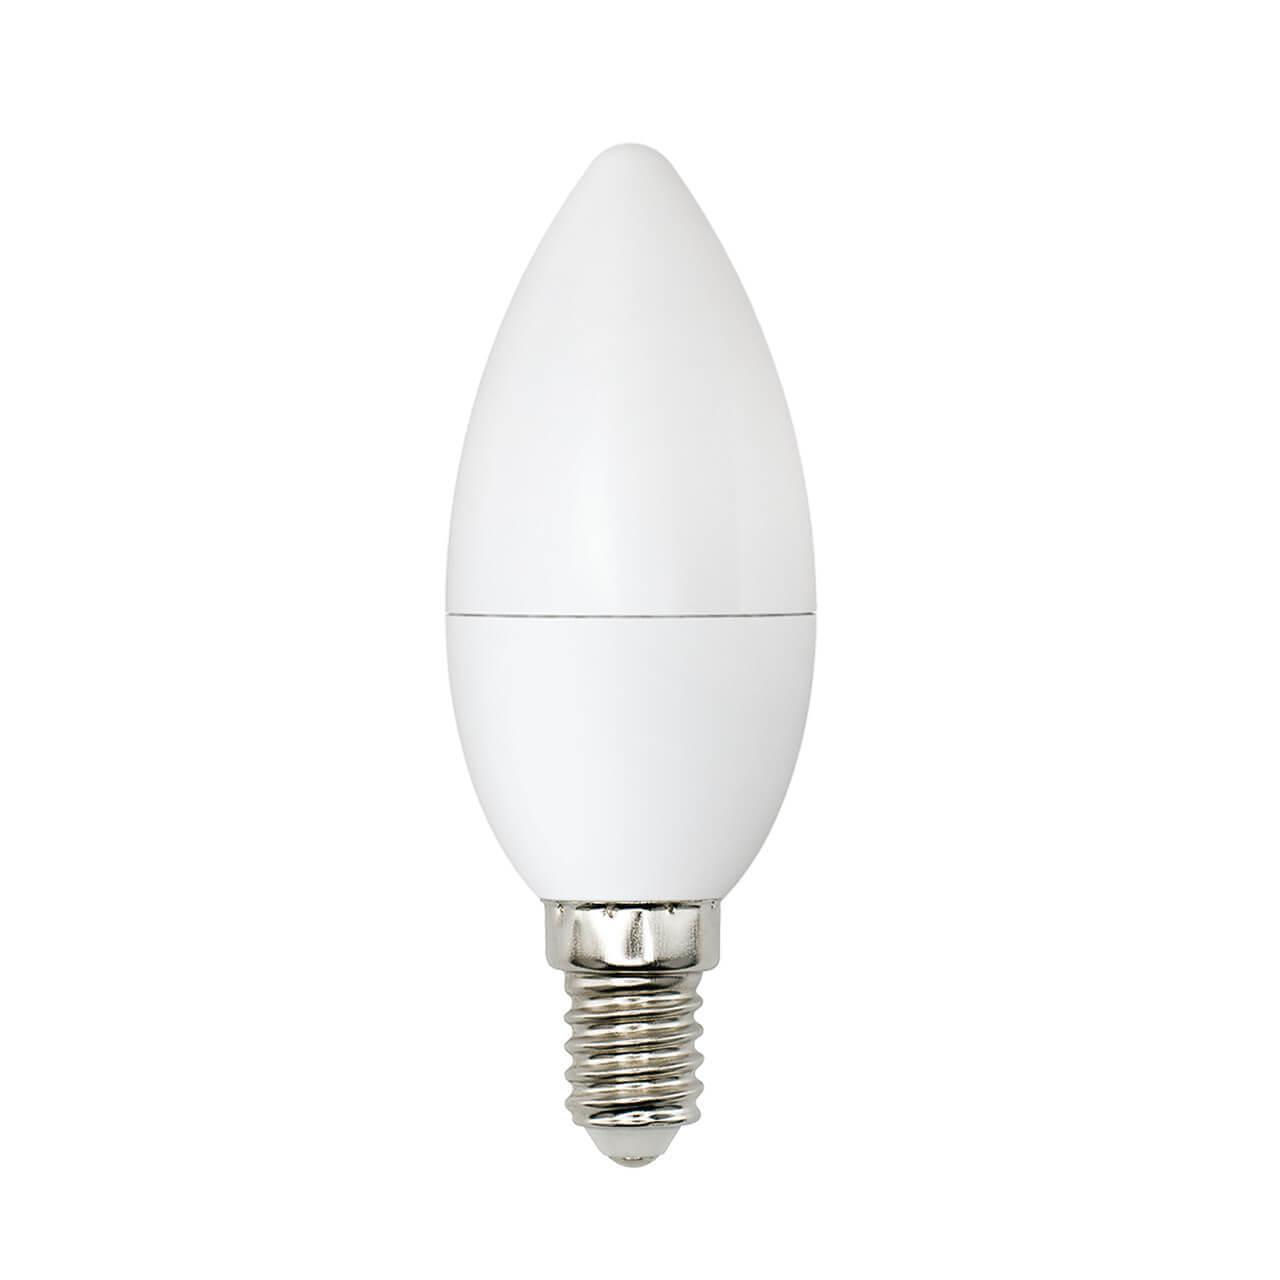 Лампа светодиодная (UL-00001570) Uniel E14 6W 4000K матовая LED-C37-6W/WW+NW/E14/FR PLB01WH цена в Москве и Питере